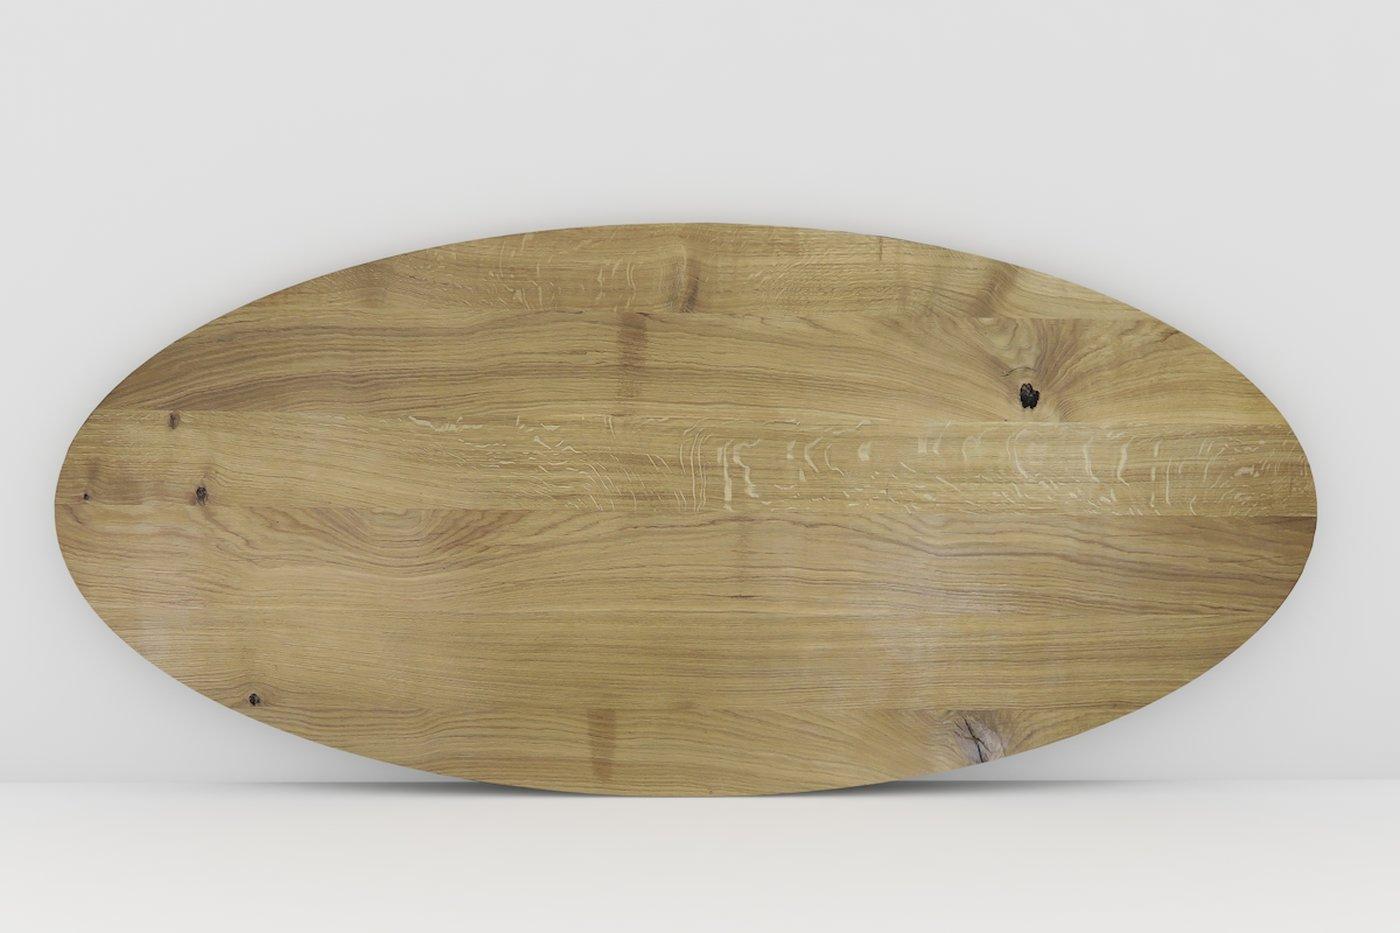 Full Size of Eiche Massiv Tischplatte Oval Nach Ma Massivholz Esstisch Bogenlampe 2m Holzplatte Weißer Akazie Stühle Rustikaler Groß Klein Holz Quadratisch Esstische Esstische Ovaler Esstisch